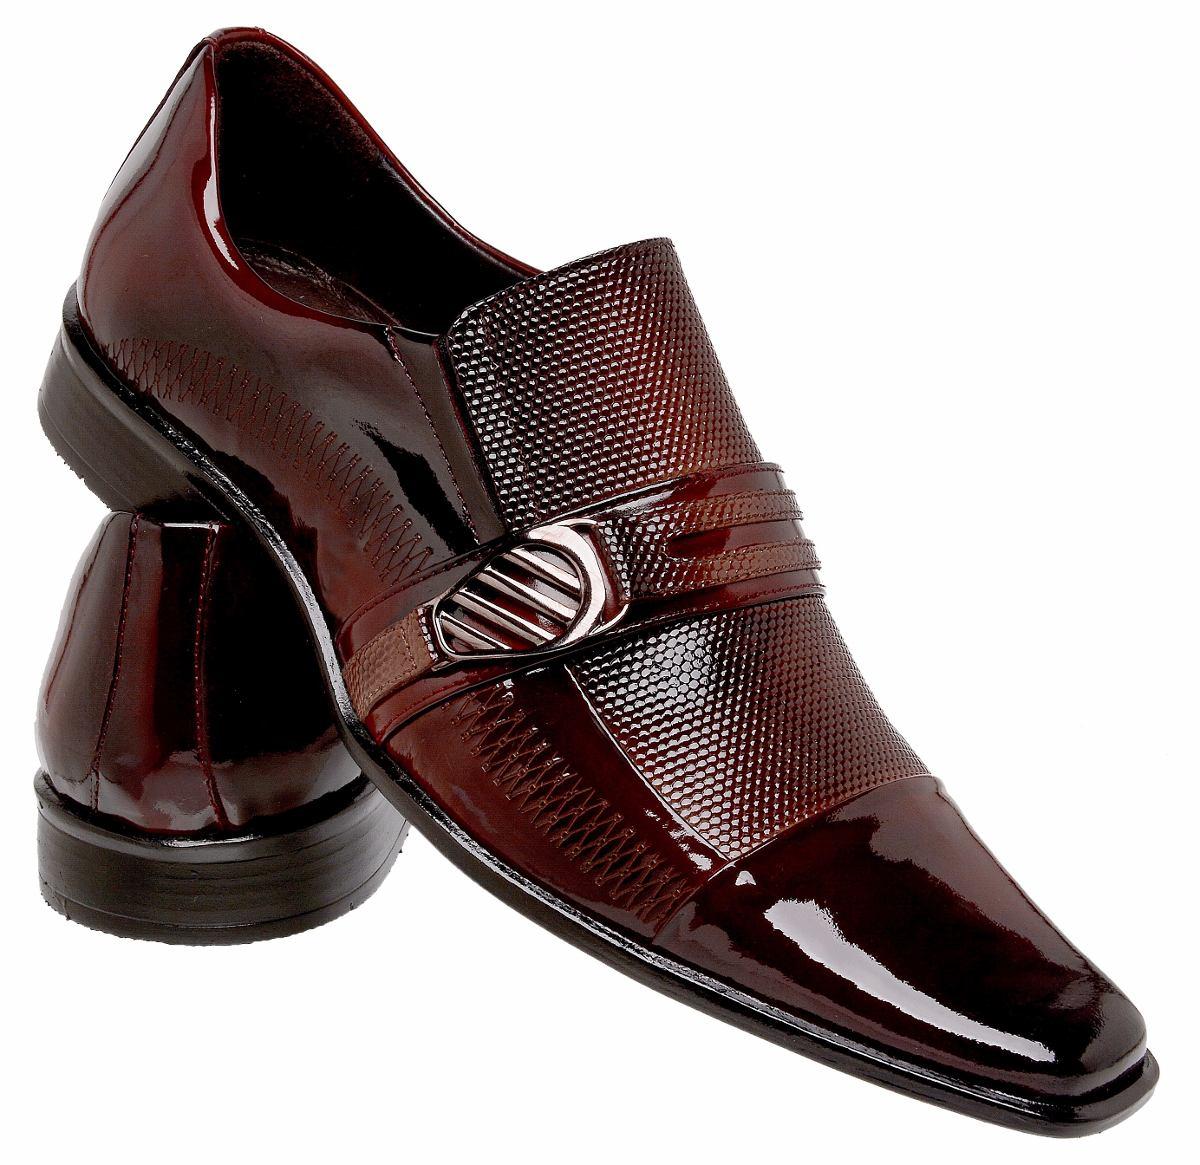 0be155e7af sapato social masculino verniz vermelho couro legítimo. Carregando zoom.